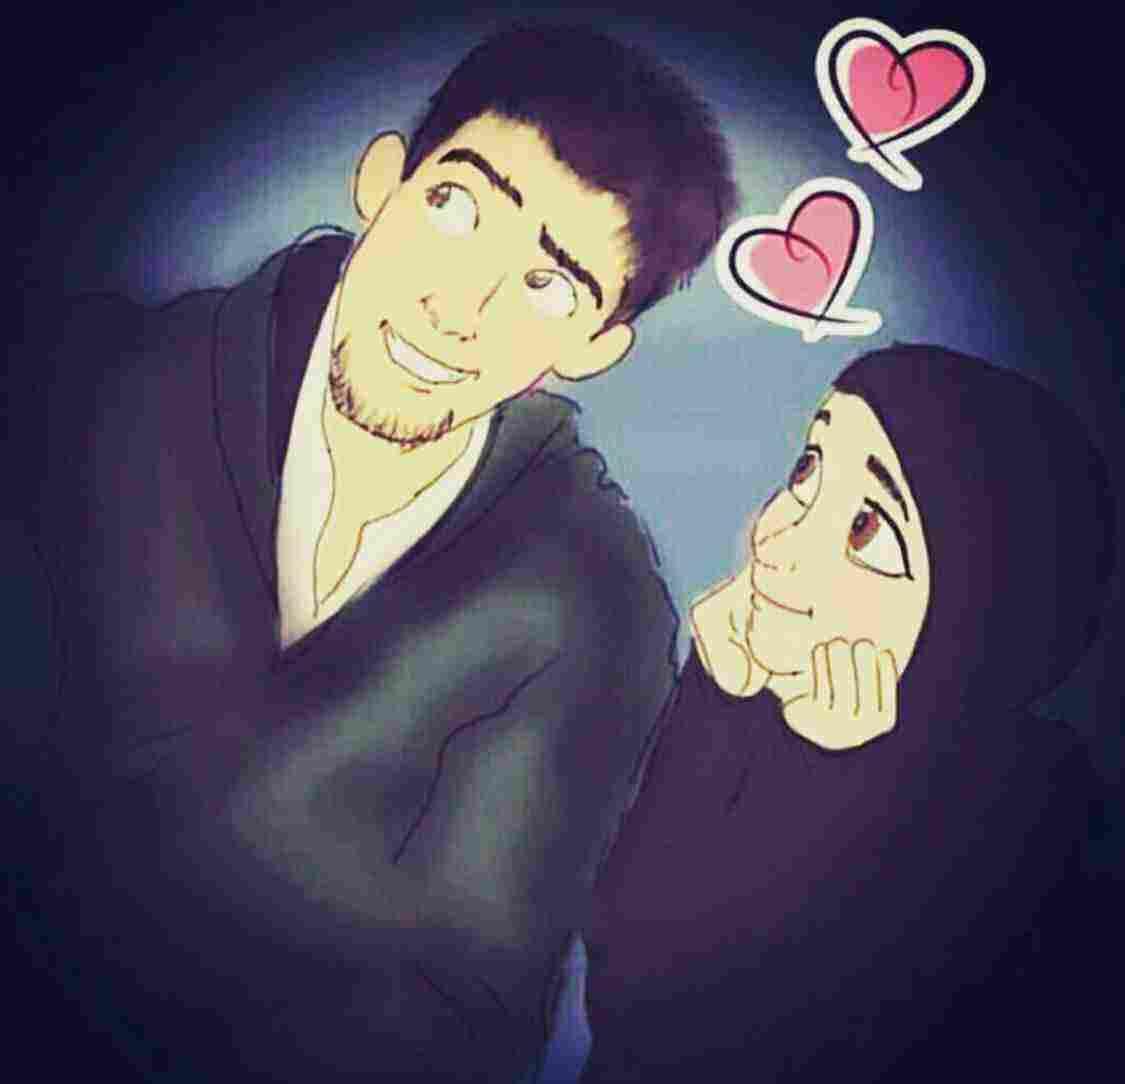 حكم مداعبة الزوجة في رمضان وما يجوز بين الزوجين في نهار رمضان